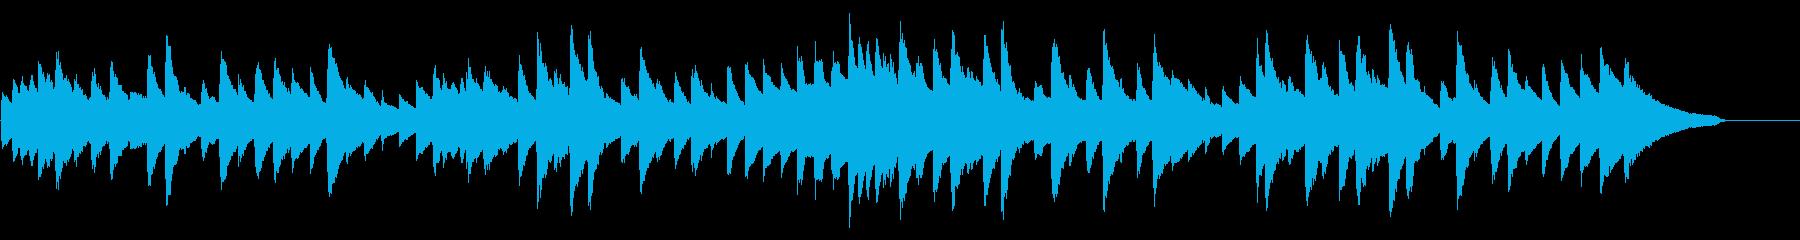 雨音をイメージした旋律のピアノソロの再生済みの波形